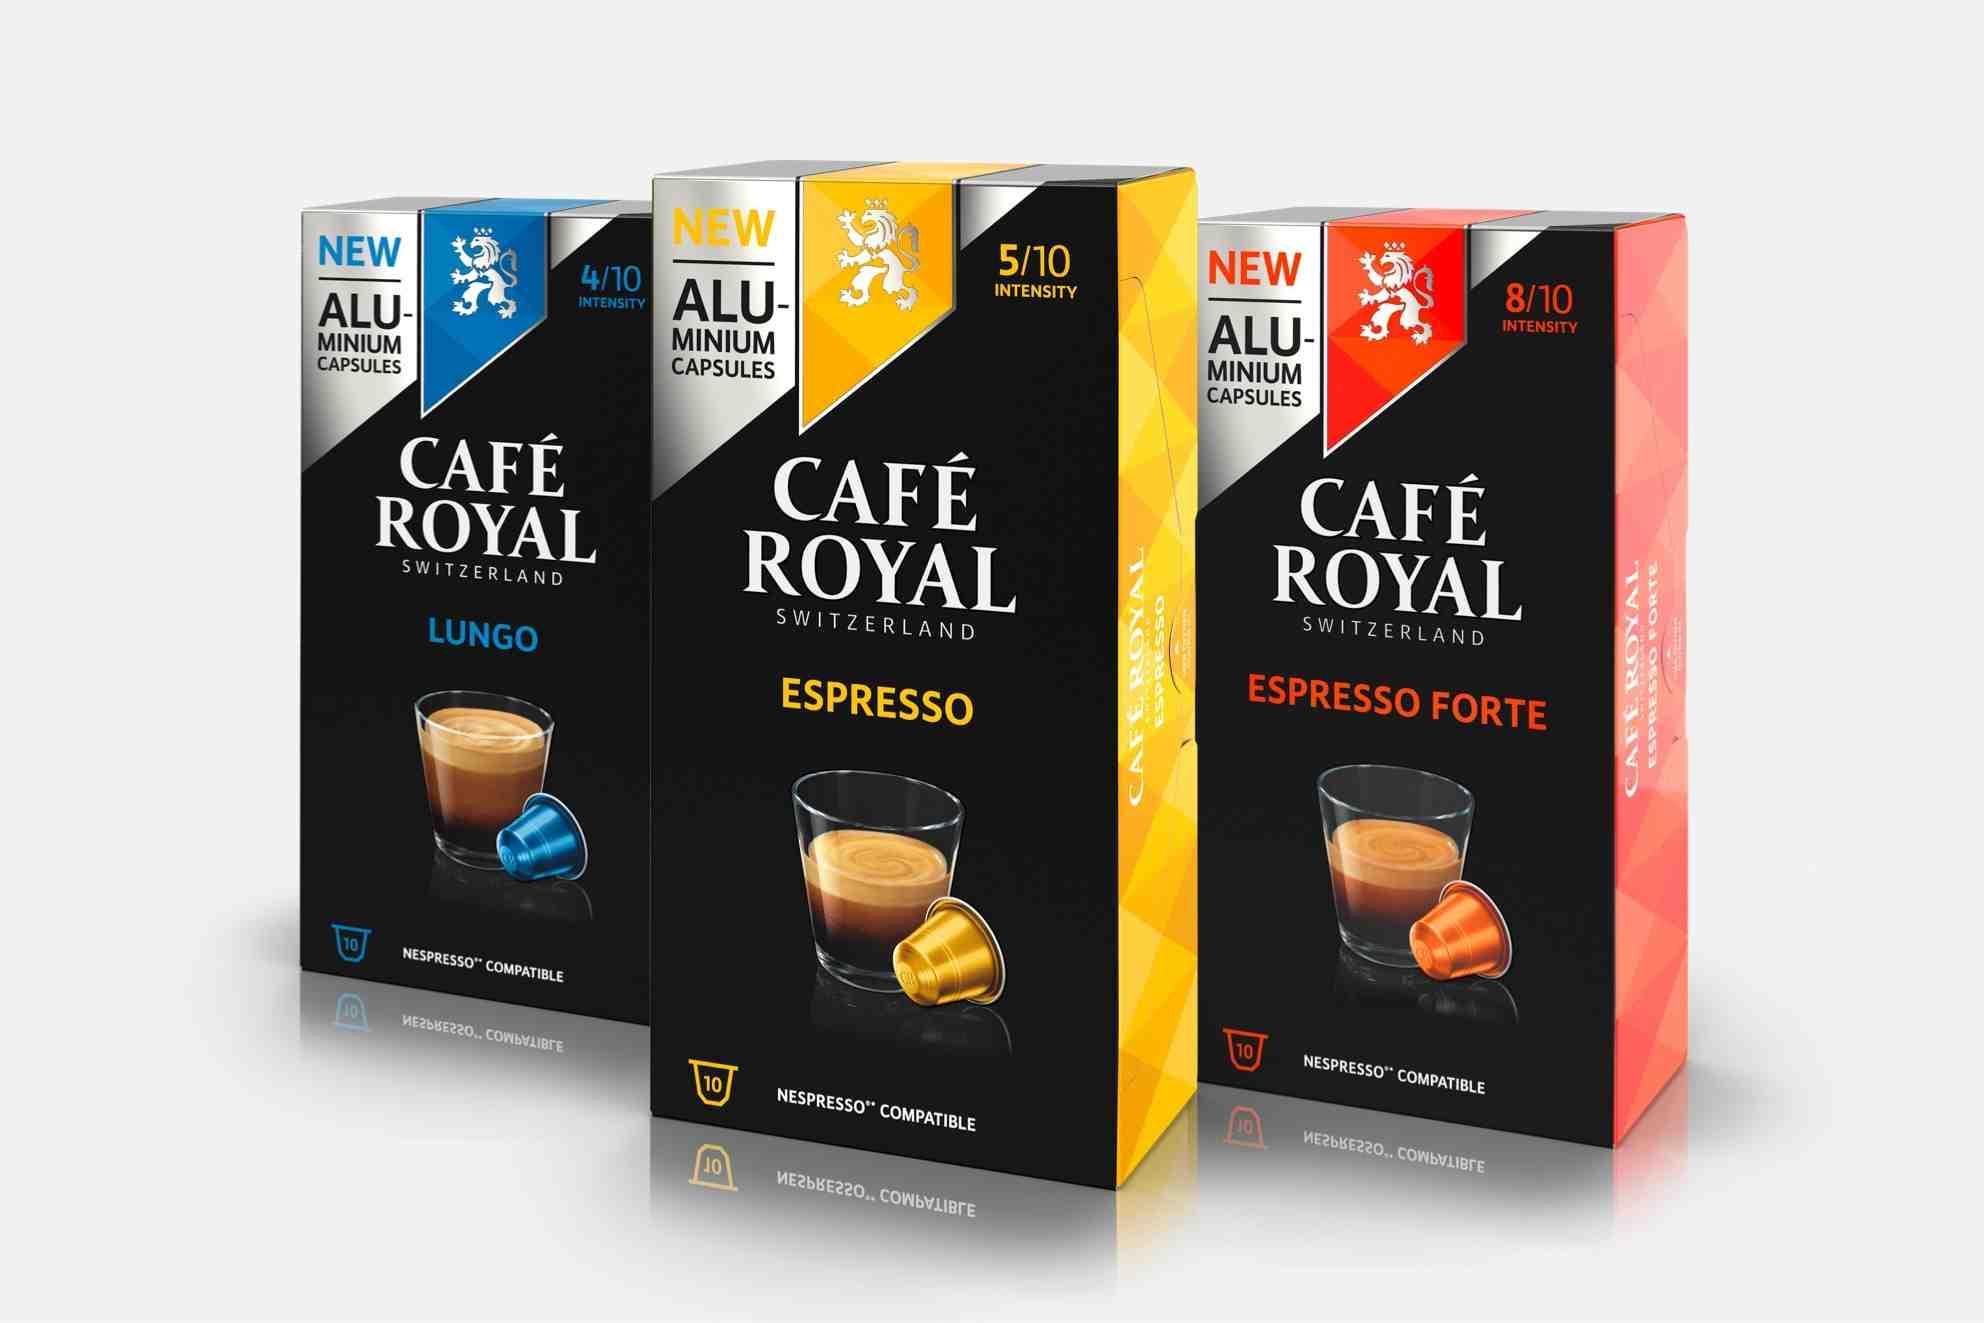 Les capsules Dolce Gusto sont-elles compatibles avec Nespresso?